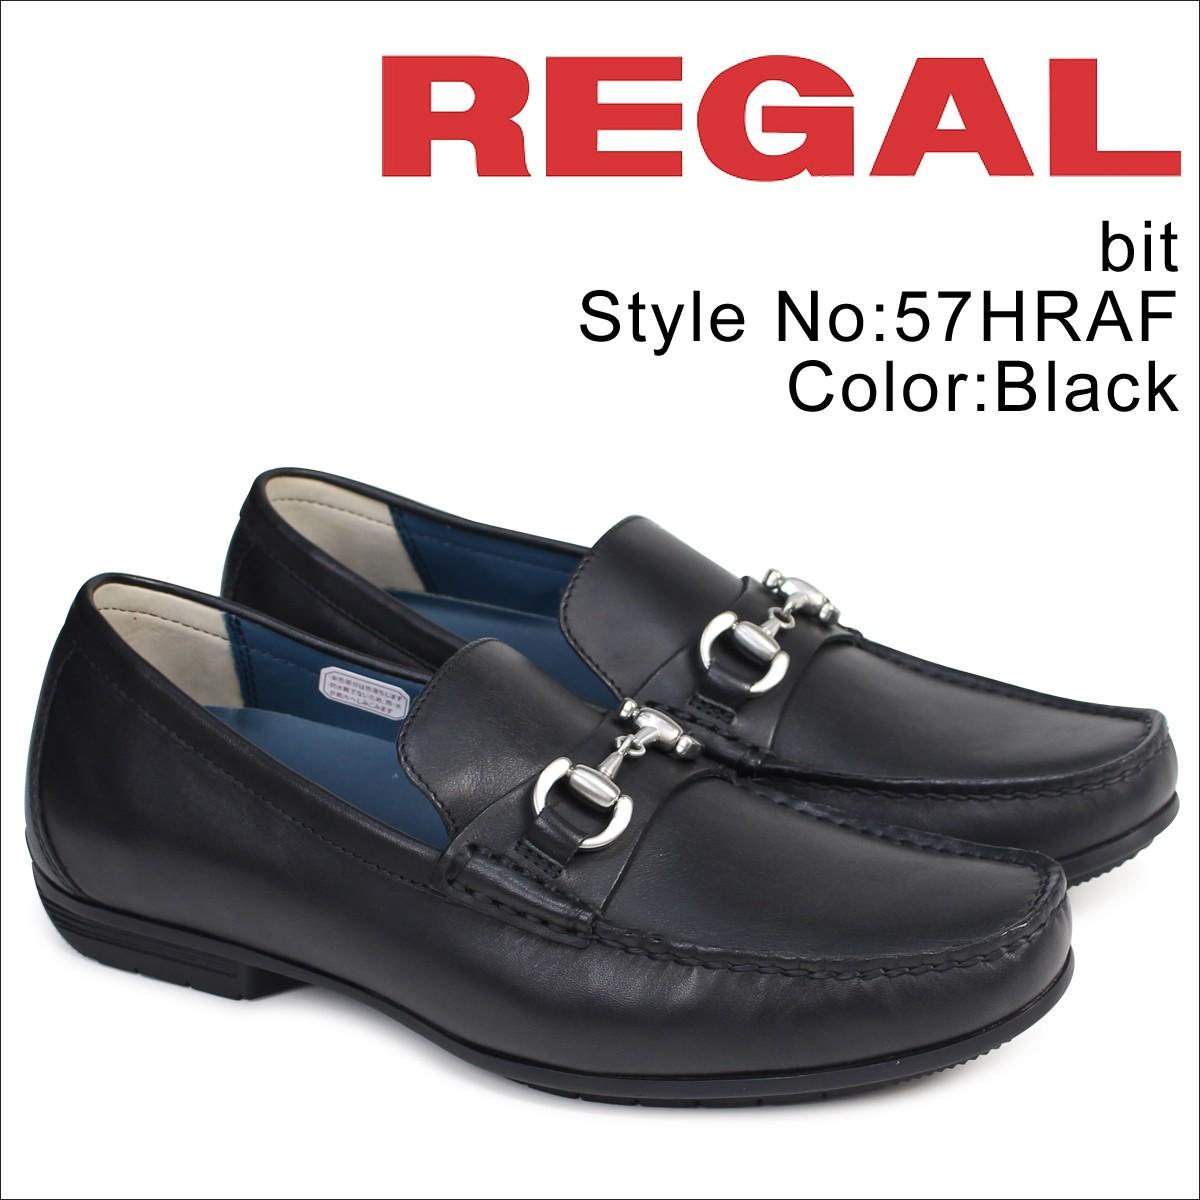 リーガル 靴 メンズ REGAL ドライビングシューズ 57HRAF カジュアル ブラック [1/20 追加入荷]